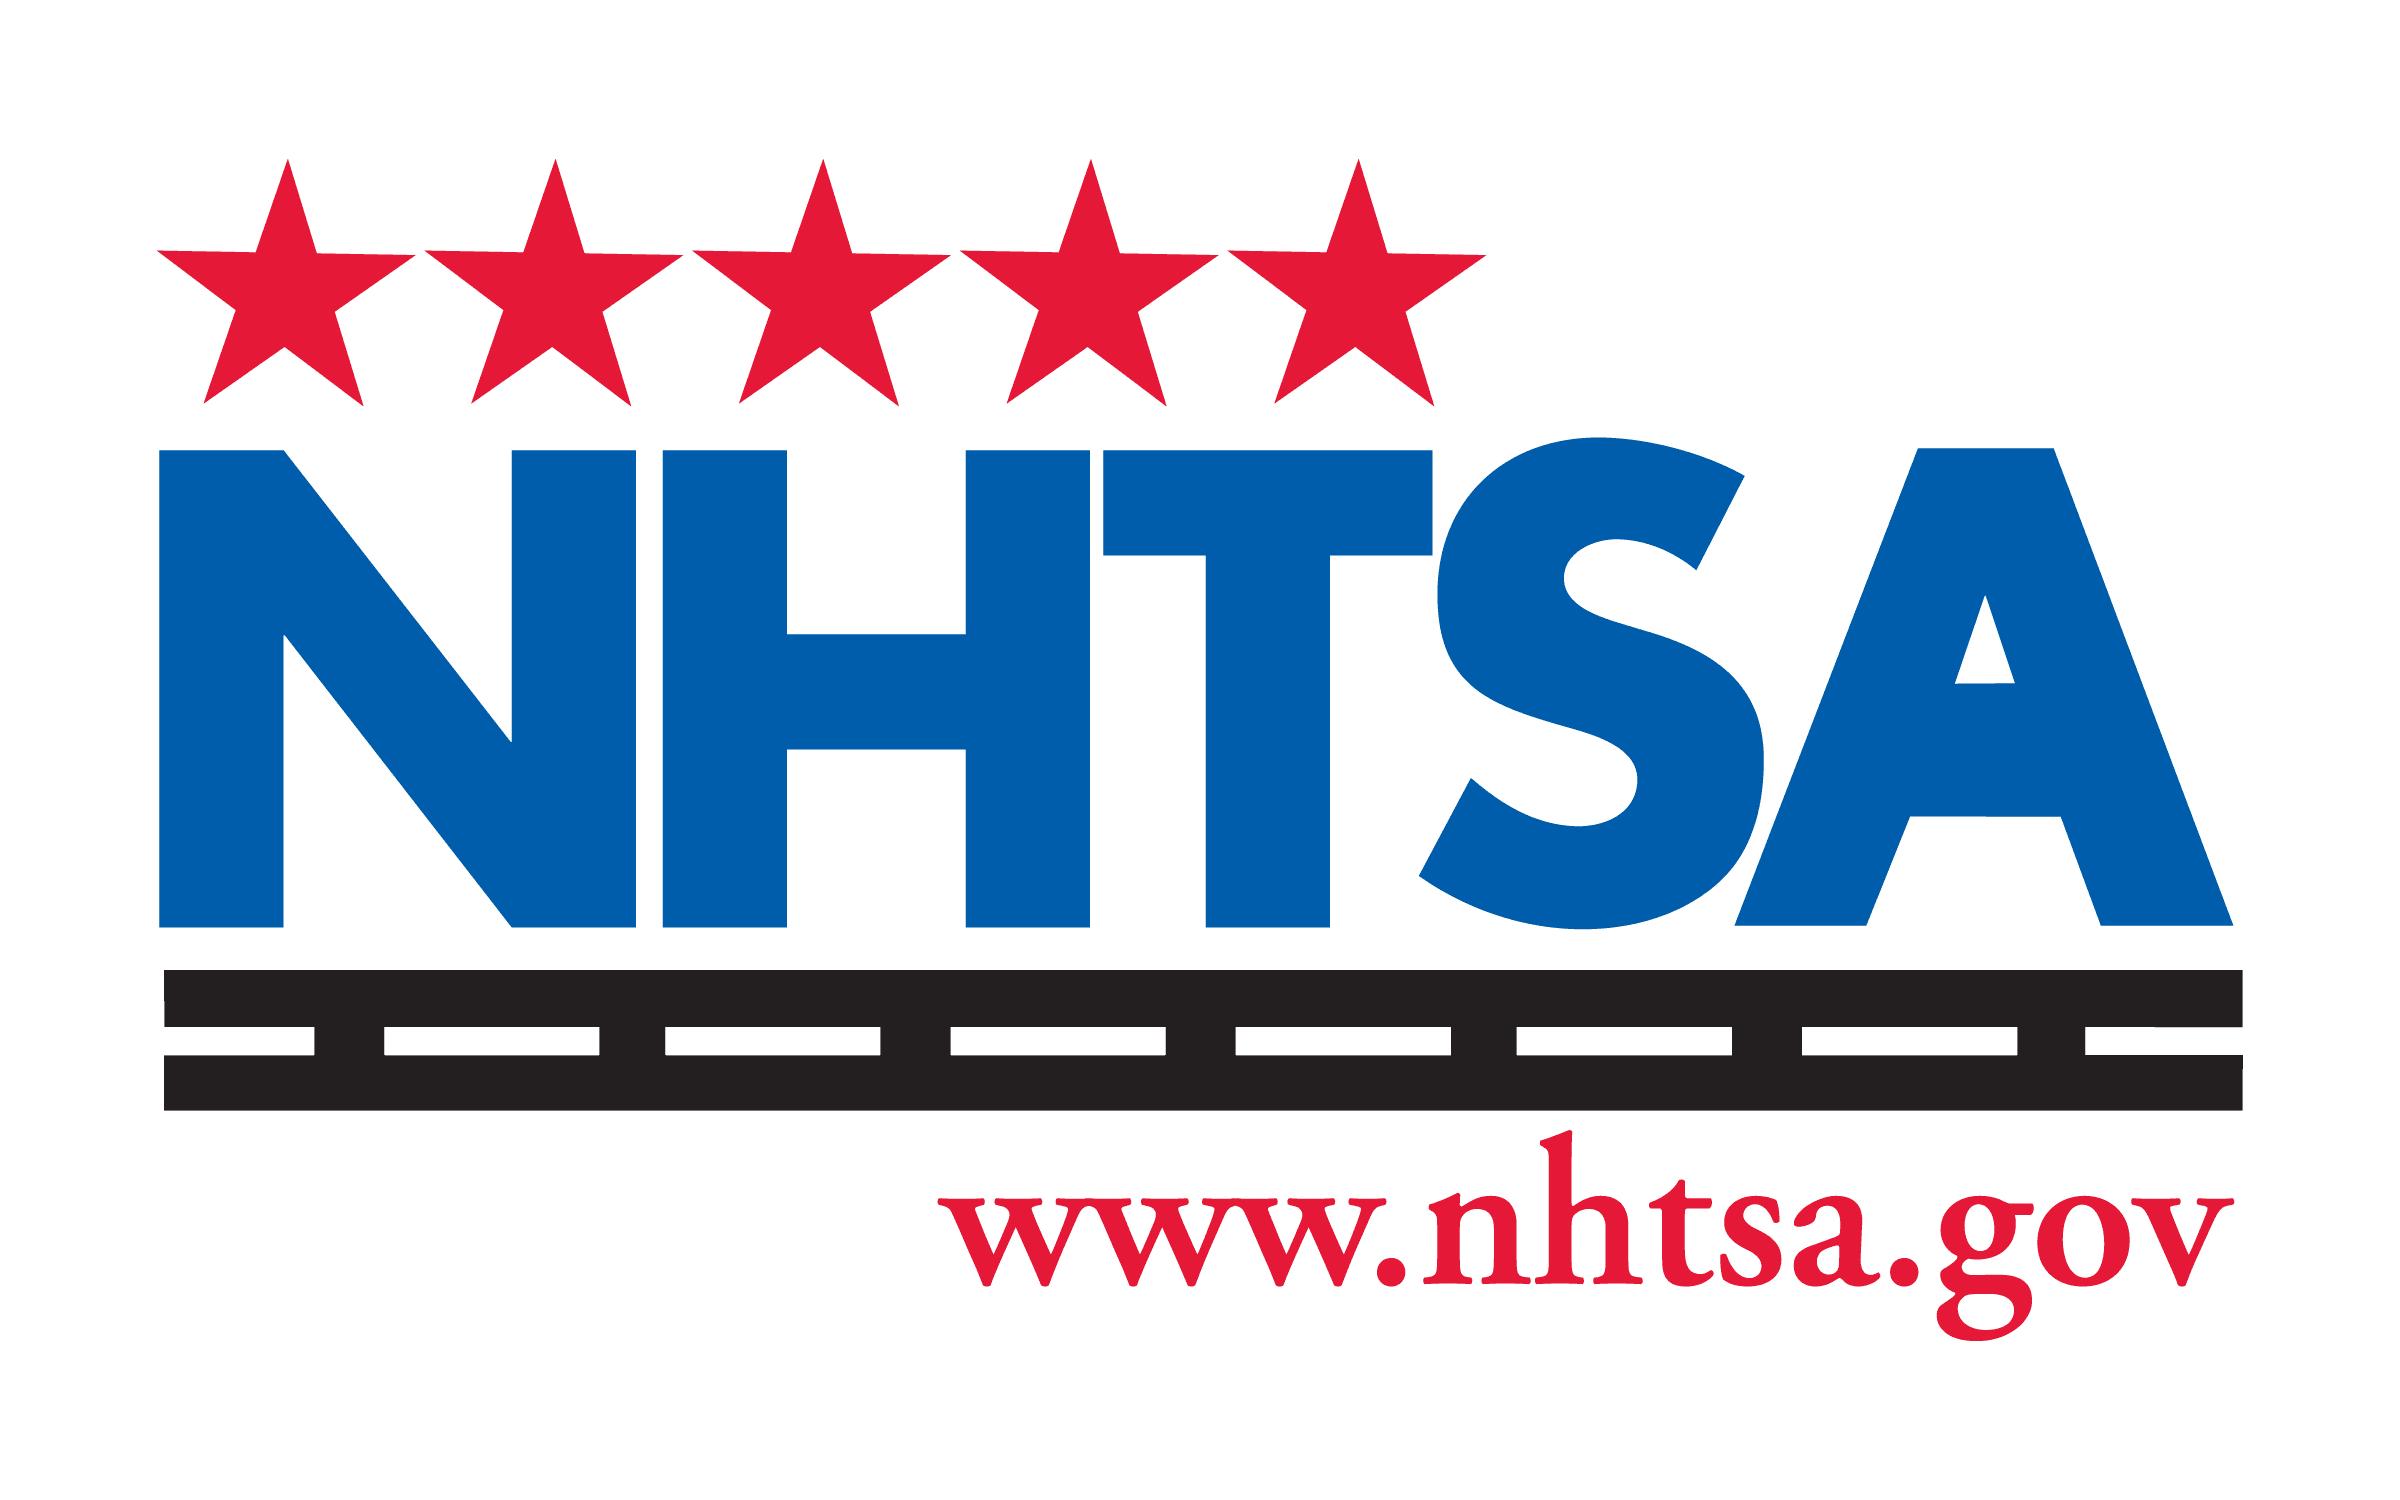 nhtsa-logo-large